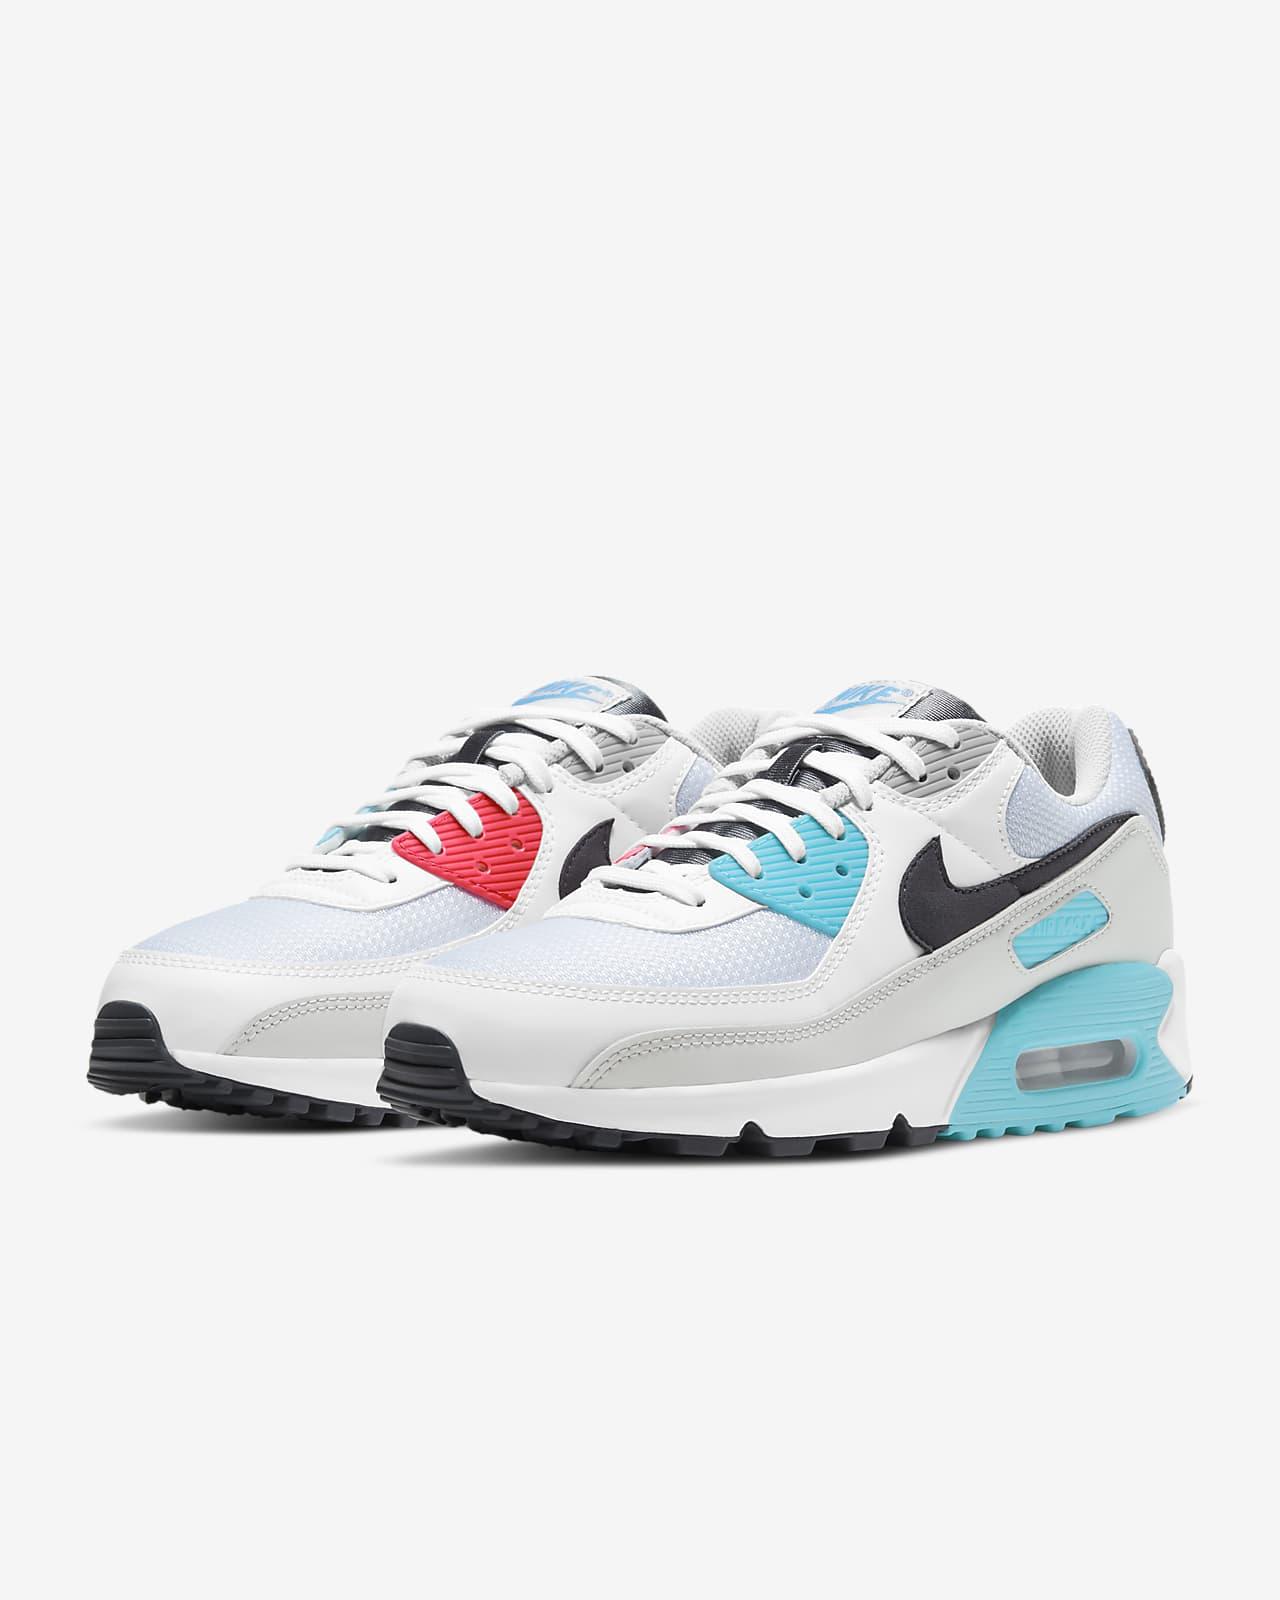 รองเท้าผู้ชาย Nike Air Max 90